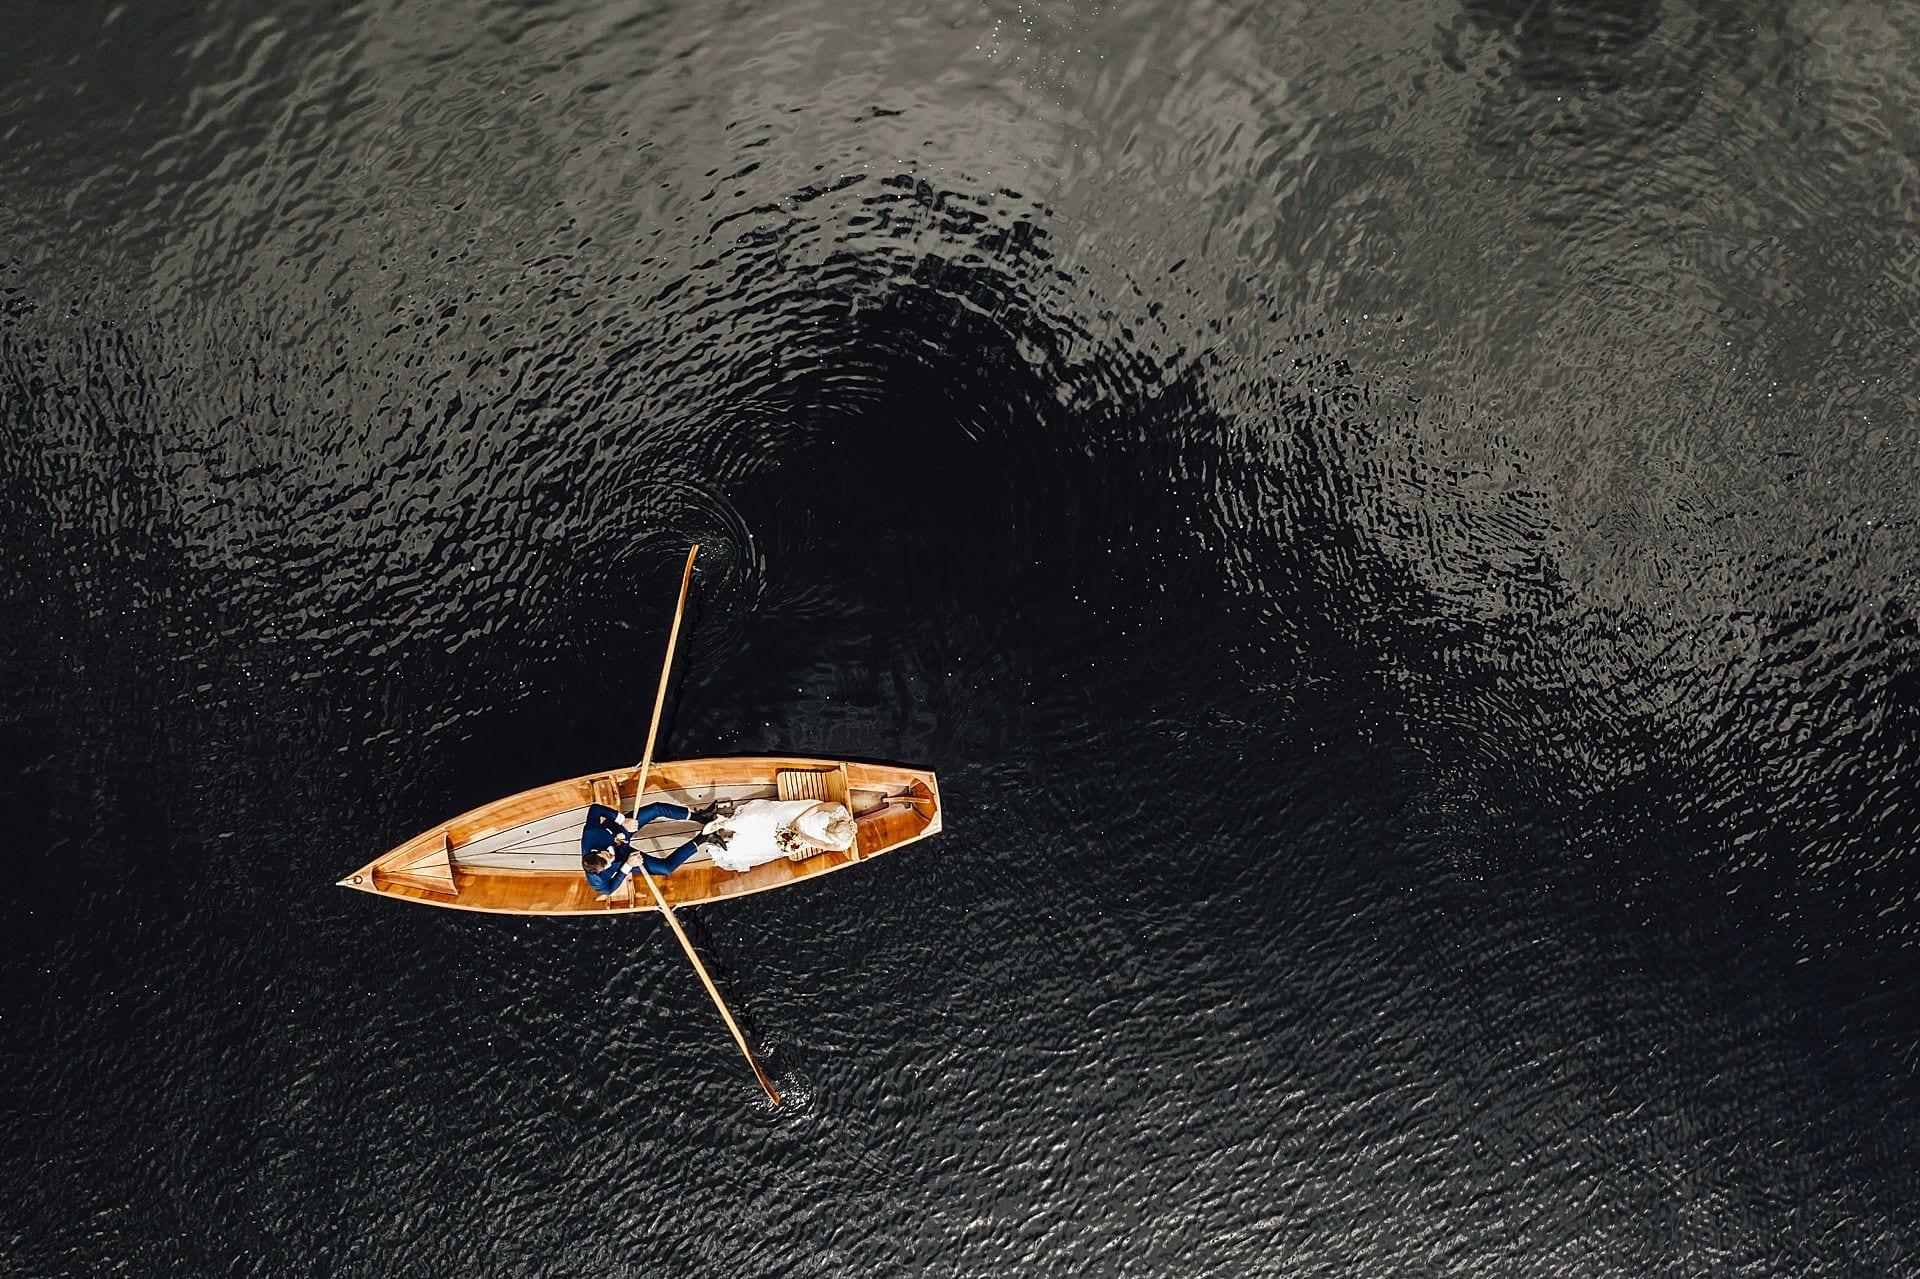 Brautpaar in einem Boot auf dem See